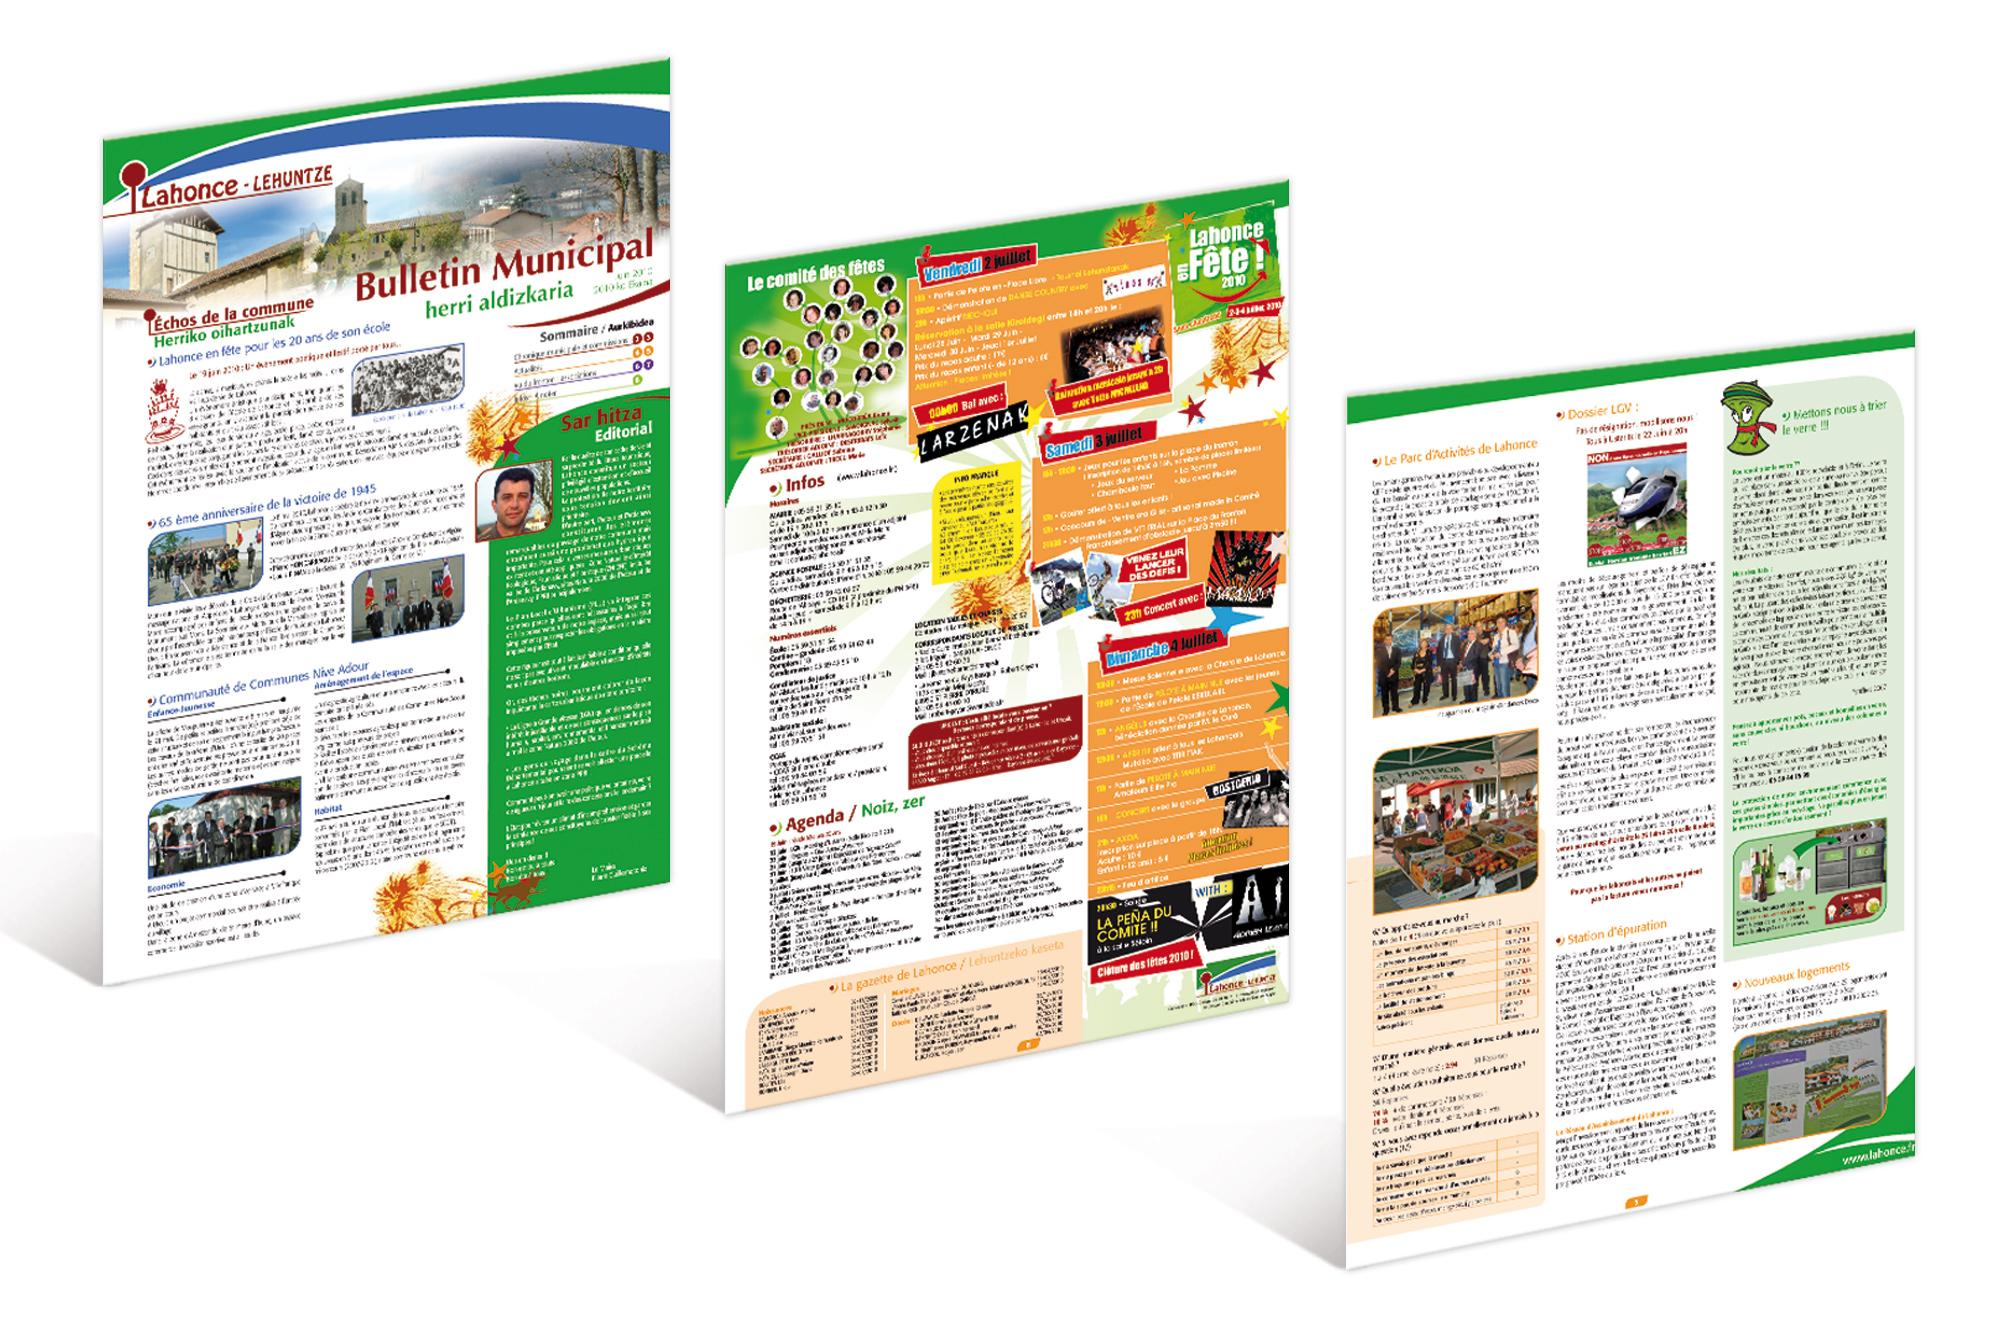 Bulletin Municipal de Lahonce 2